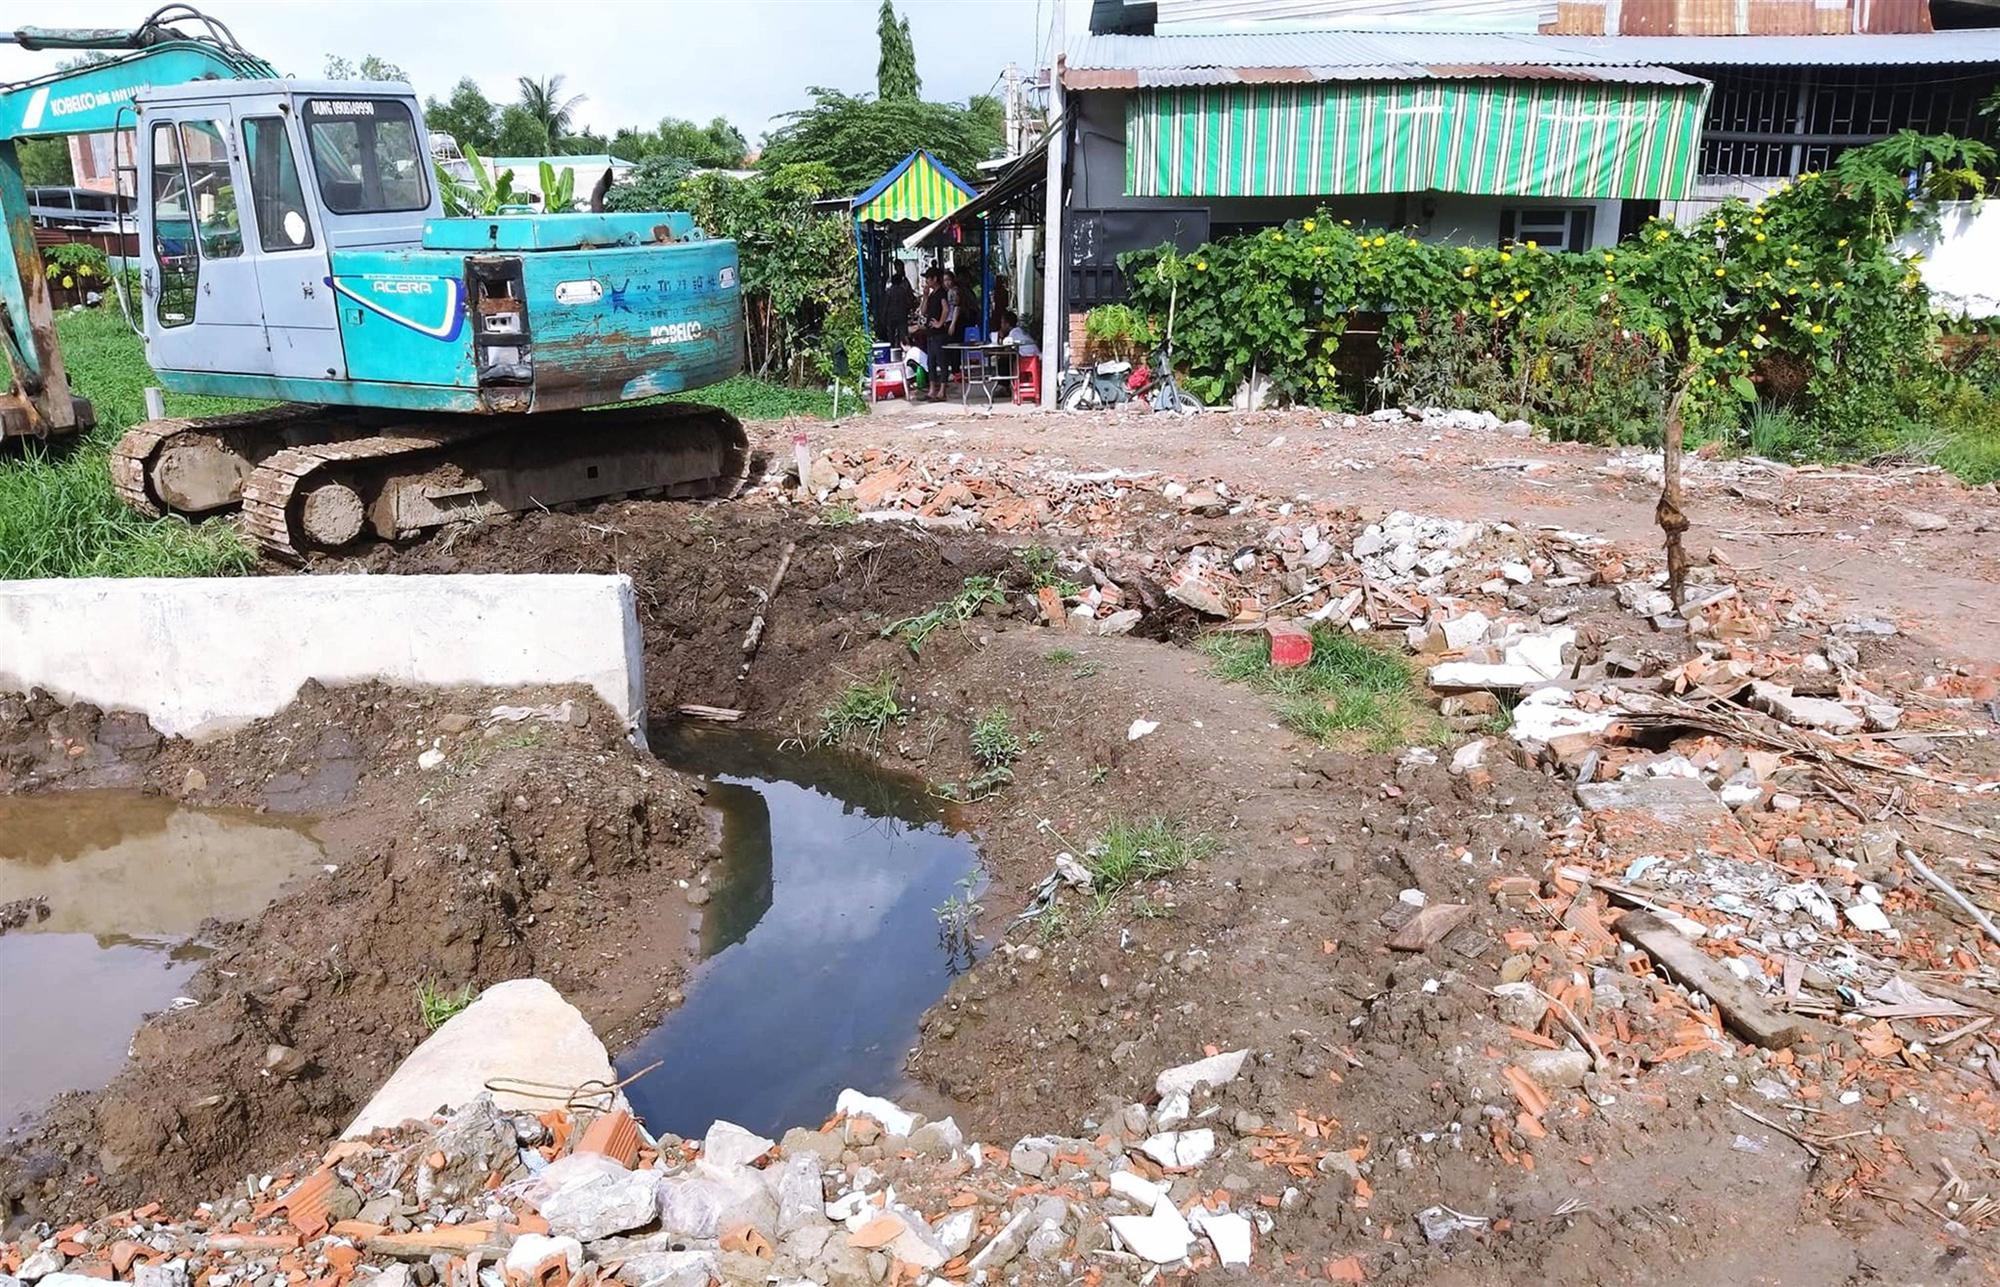 Vụ 2 cháu bé bị điện giật chết ở Sài Gòn: Công trình thi công cả năm nhưng không có rào chắn, để rồi xảy ra sự việc thương tâm quá-5